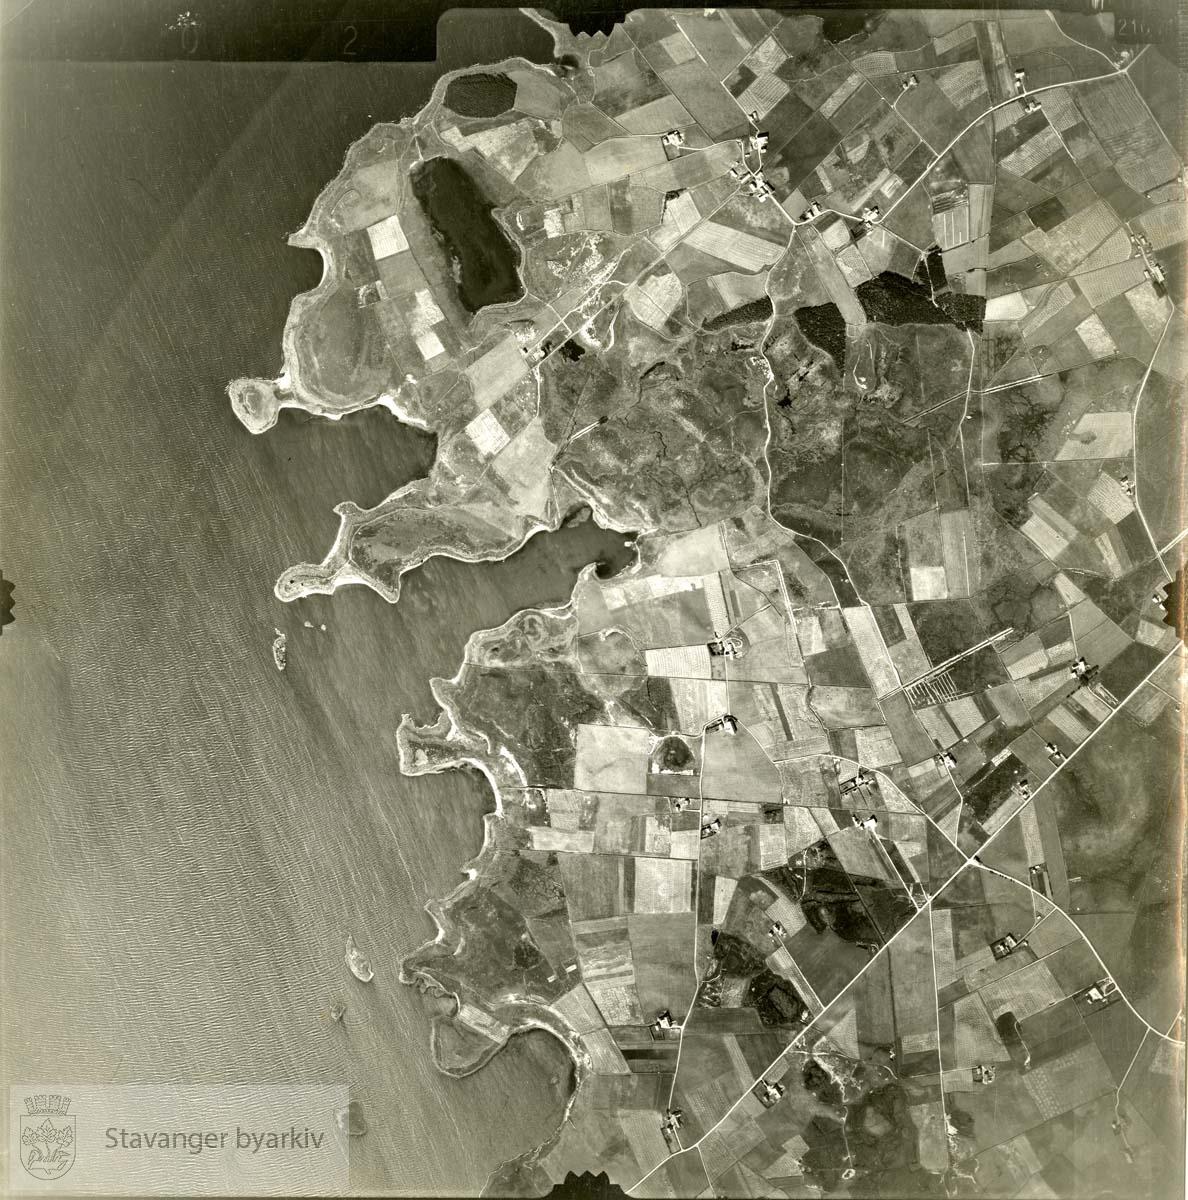 Jfr. kart/fotoplan A(III) 5/302..Orrevatnet..Se ByStW_Uca_002 (kan lastes ned under fanen for kart på Stavangerbilder)